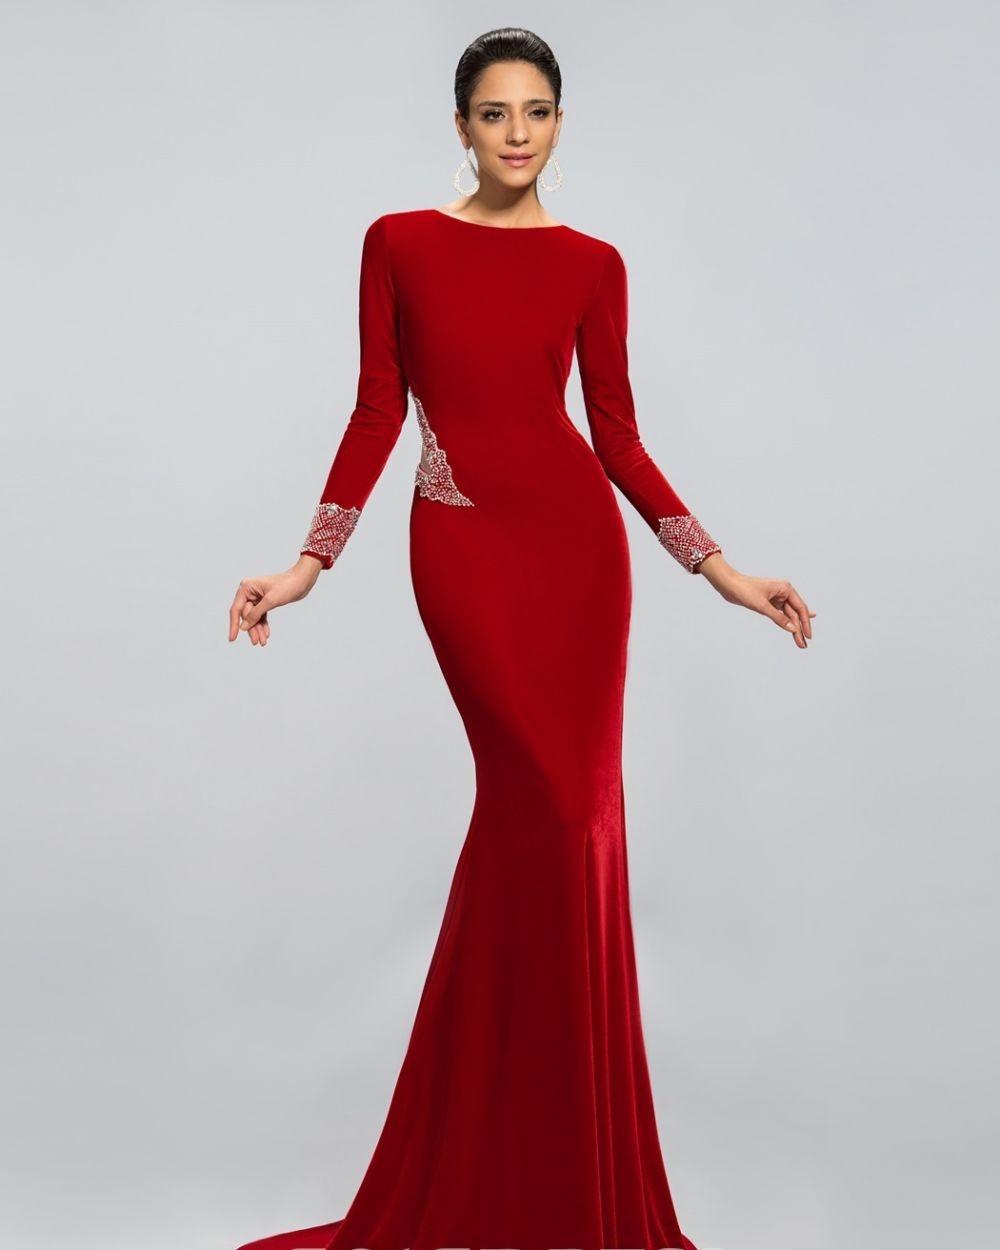 модное вечернее красное платье рукав длинный 2018 года тенденции фото новинка